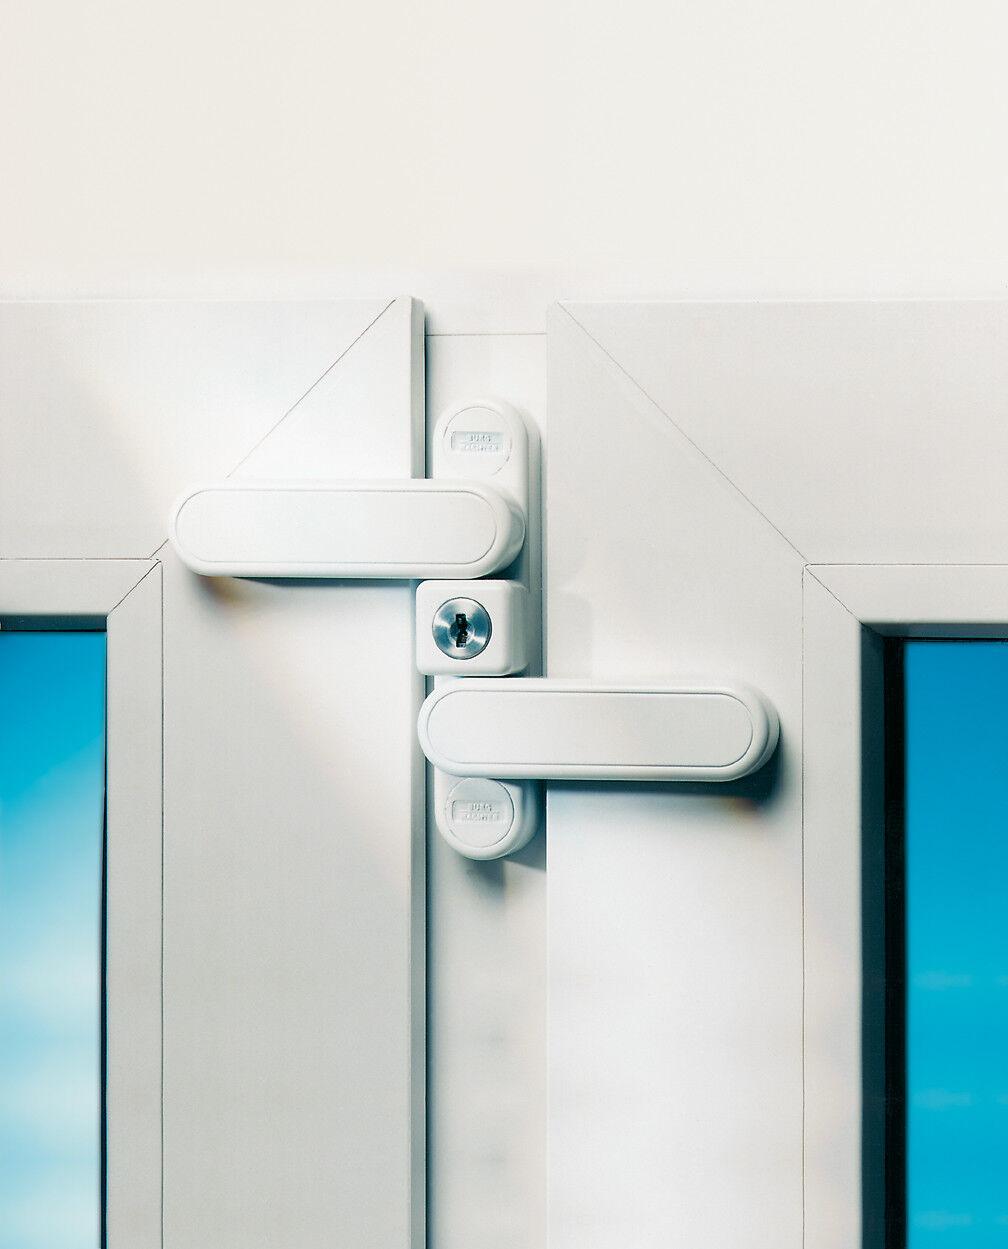 Burg Wächter WD3 W Z1 GL WinSafe WD3 stabil Sicher Sicherung Fenster